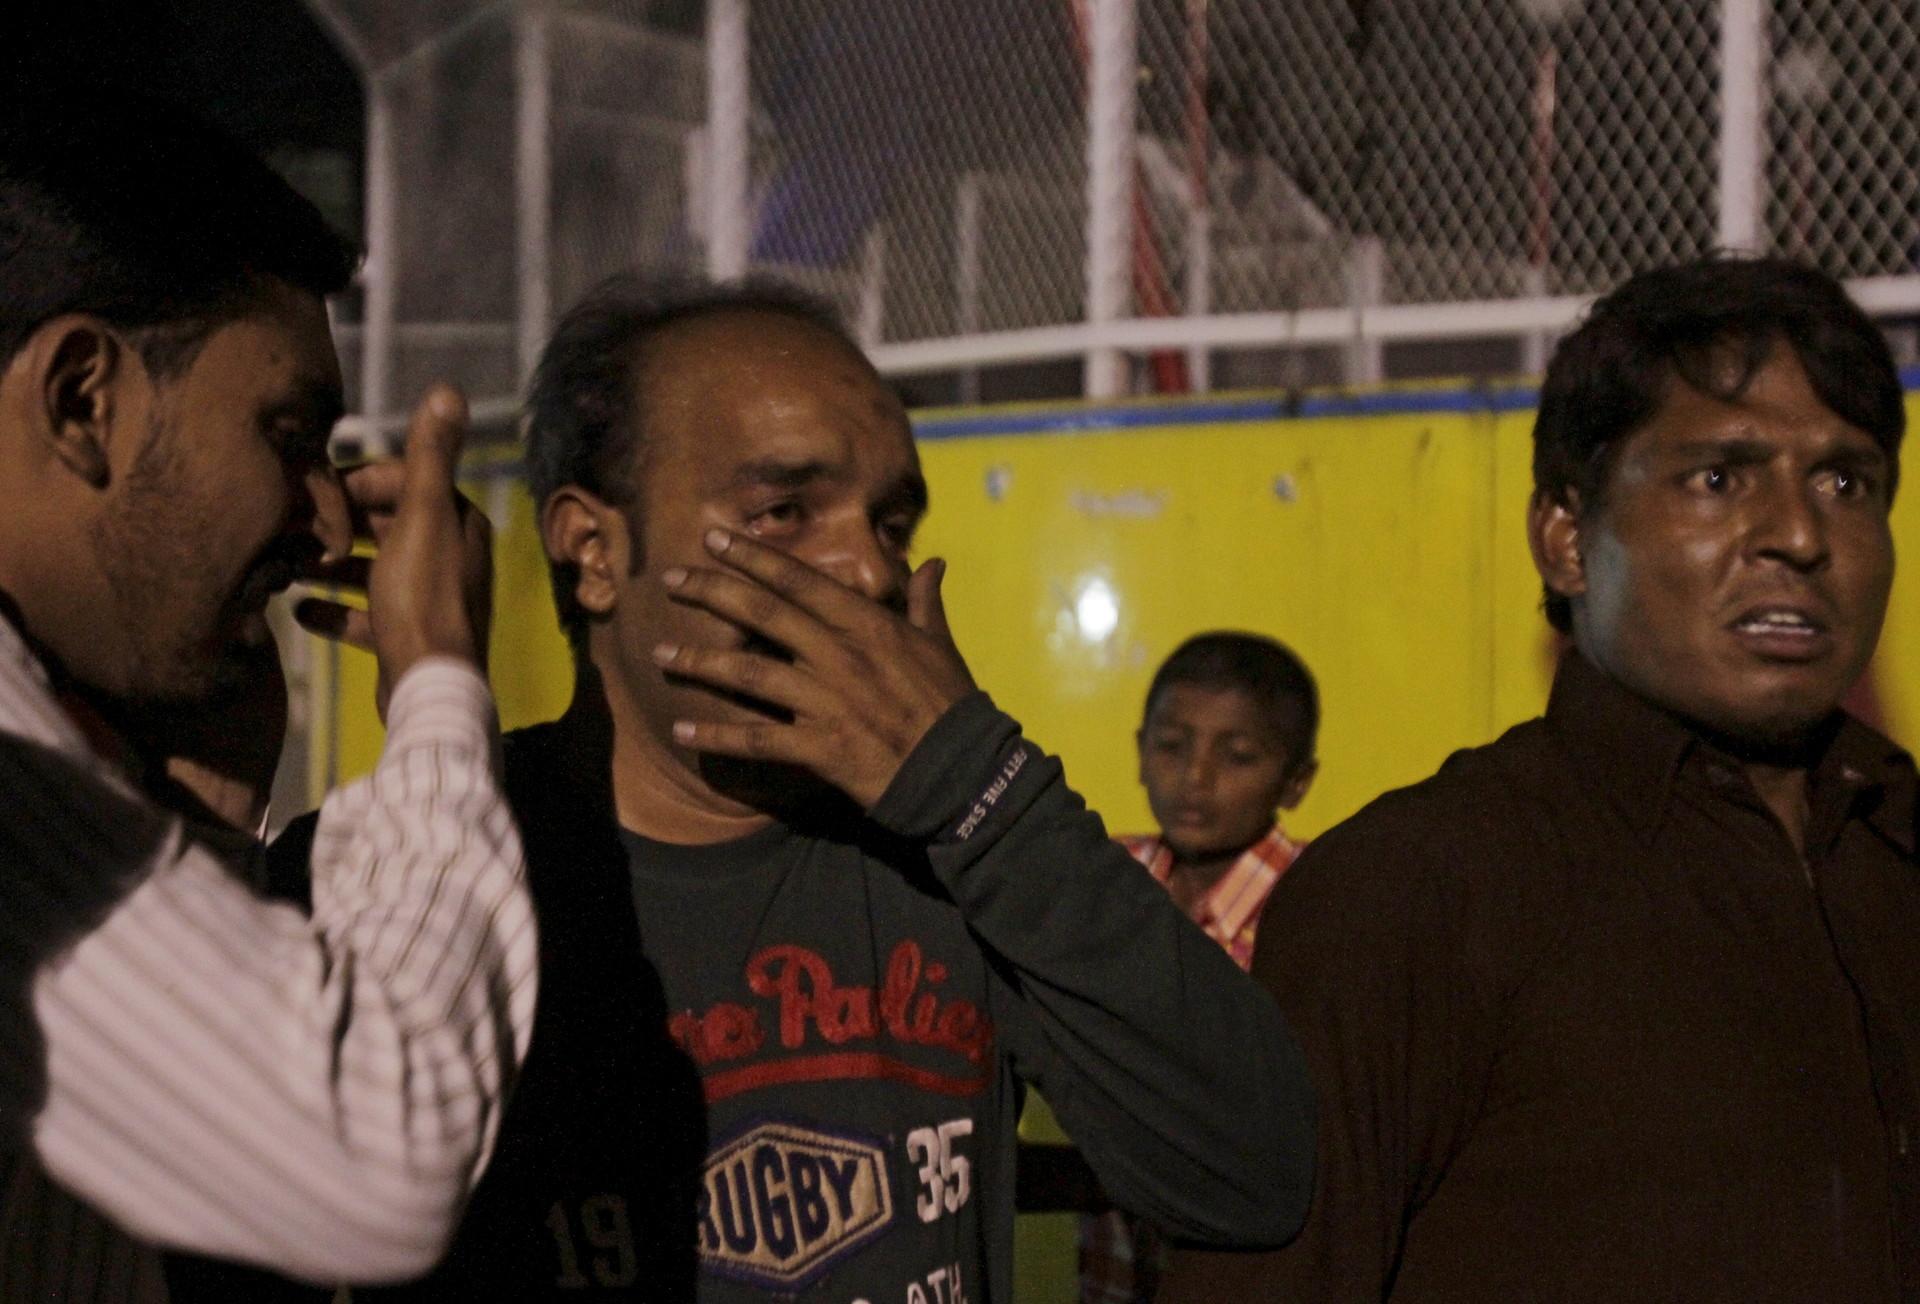 Un atentado suicida en un parque público en Pakistán deja más de 60 muertos y 300 heridos